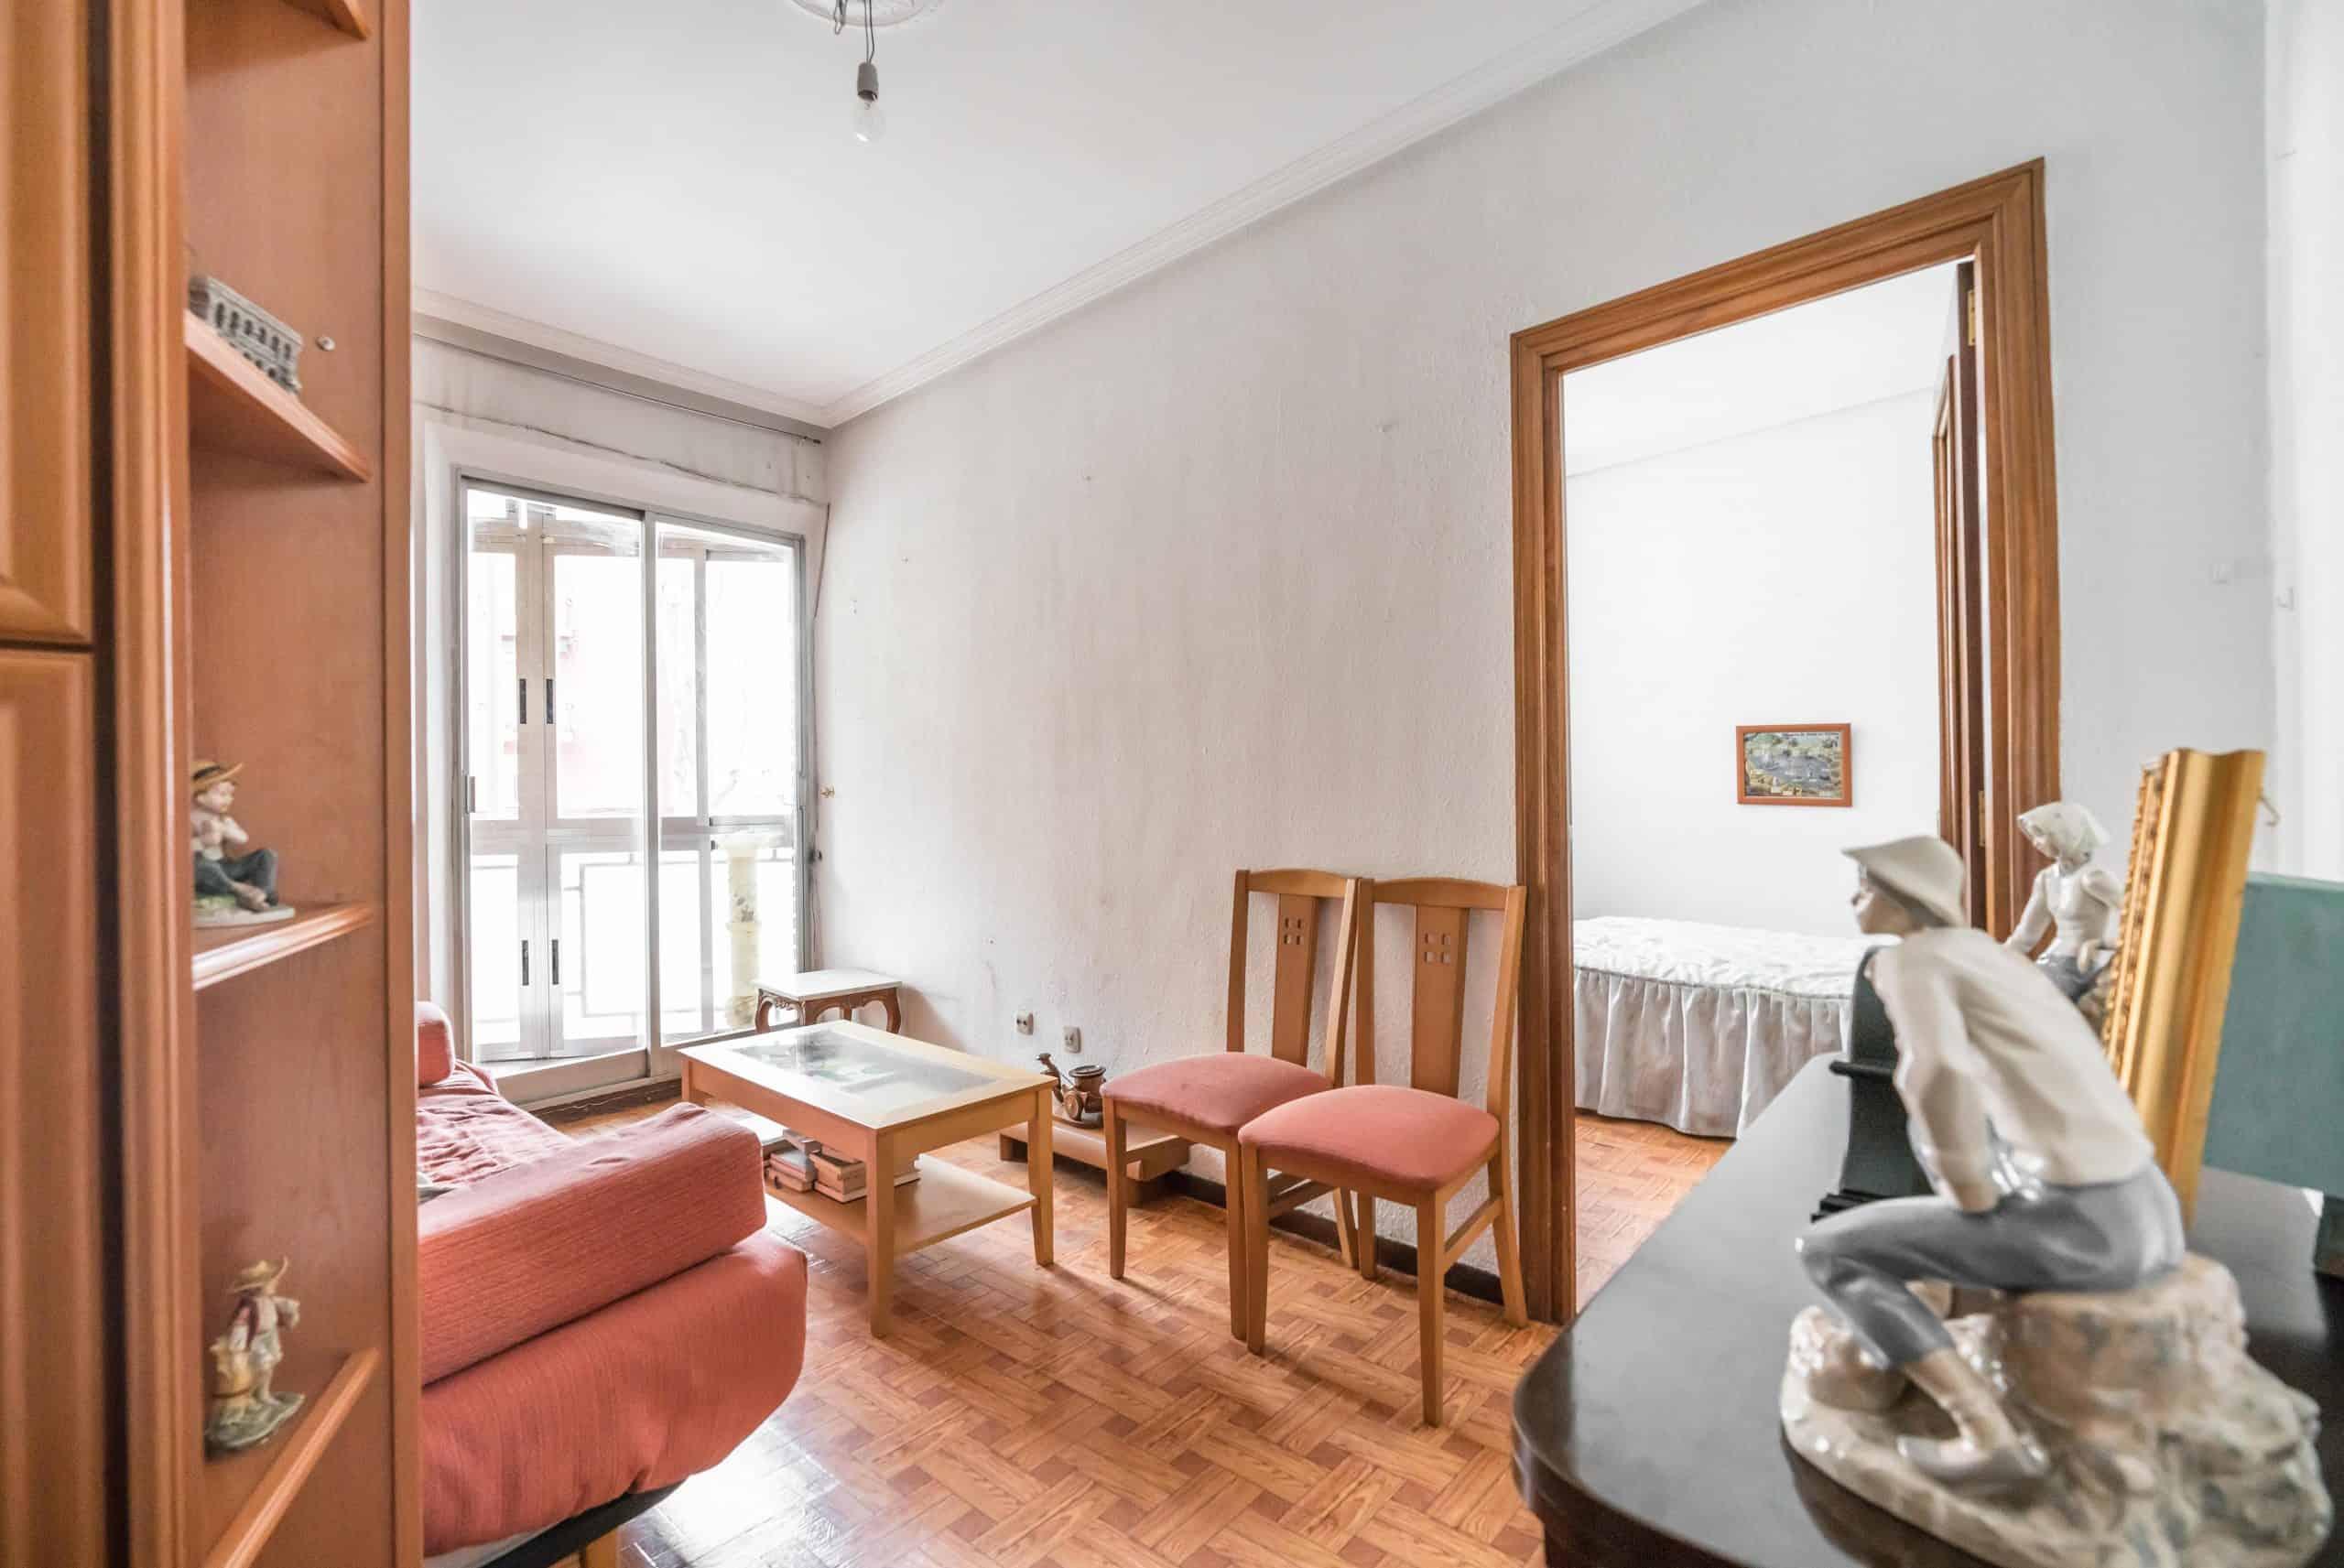 Agencia Inmobiliaria de Madrid-FUTUROCASA-Zona ARGANZUELA-LEGAZPI -calle Jaime Conquistador 27- Salón 3